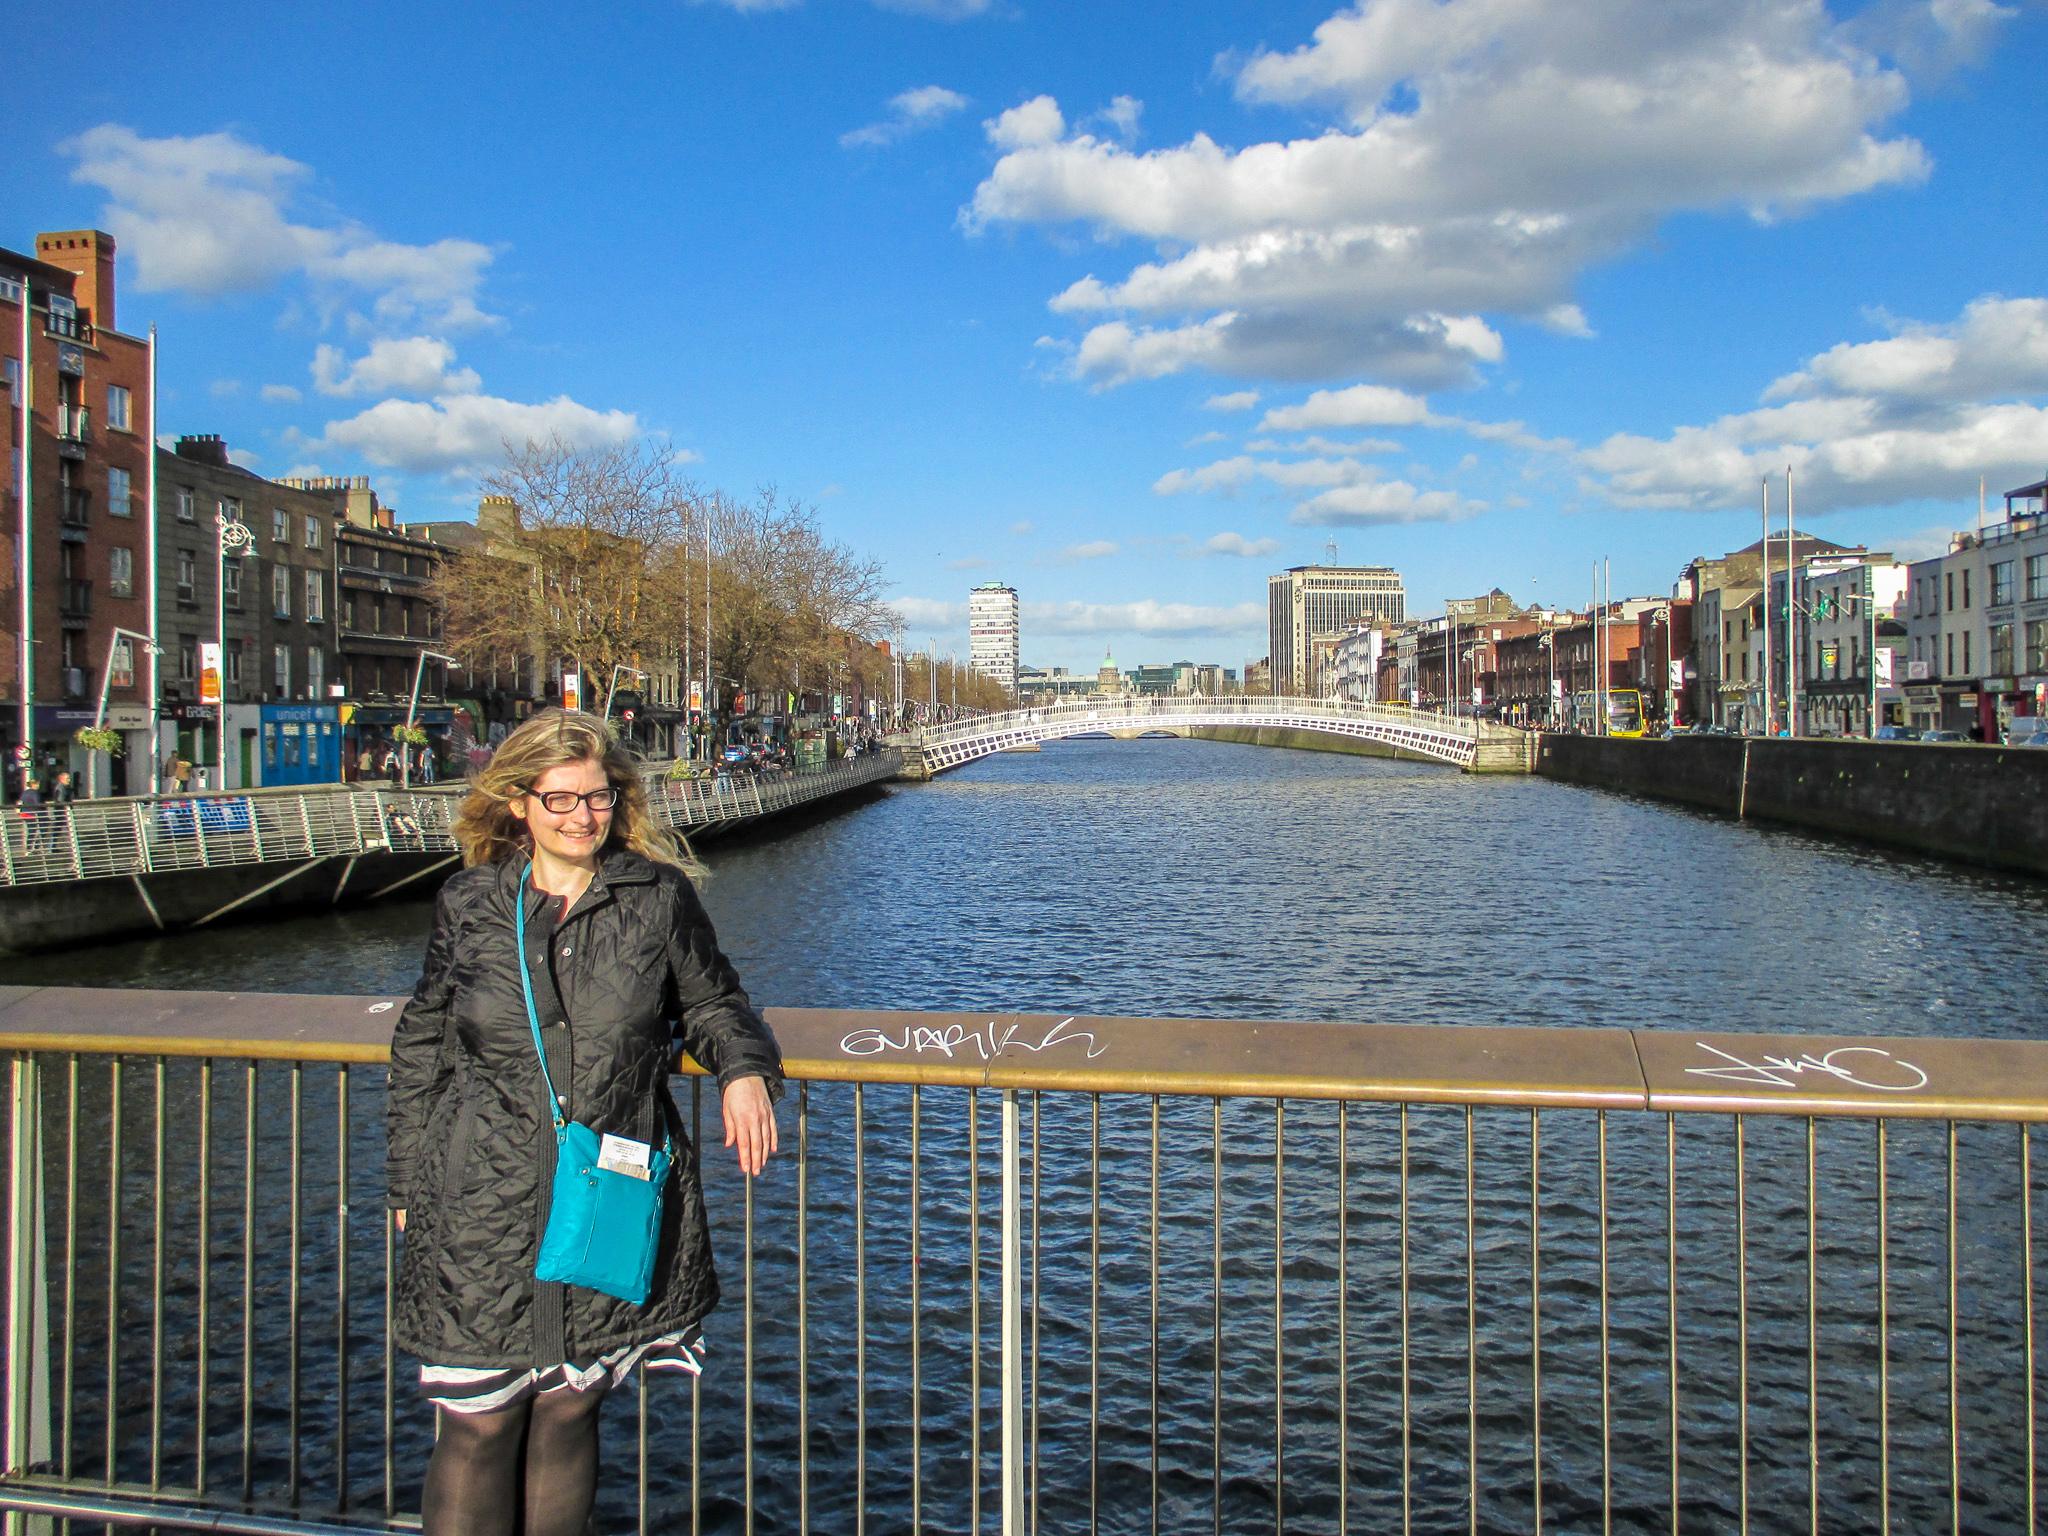 solo female travel dublin: chilling on a bridge alone